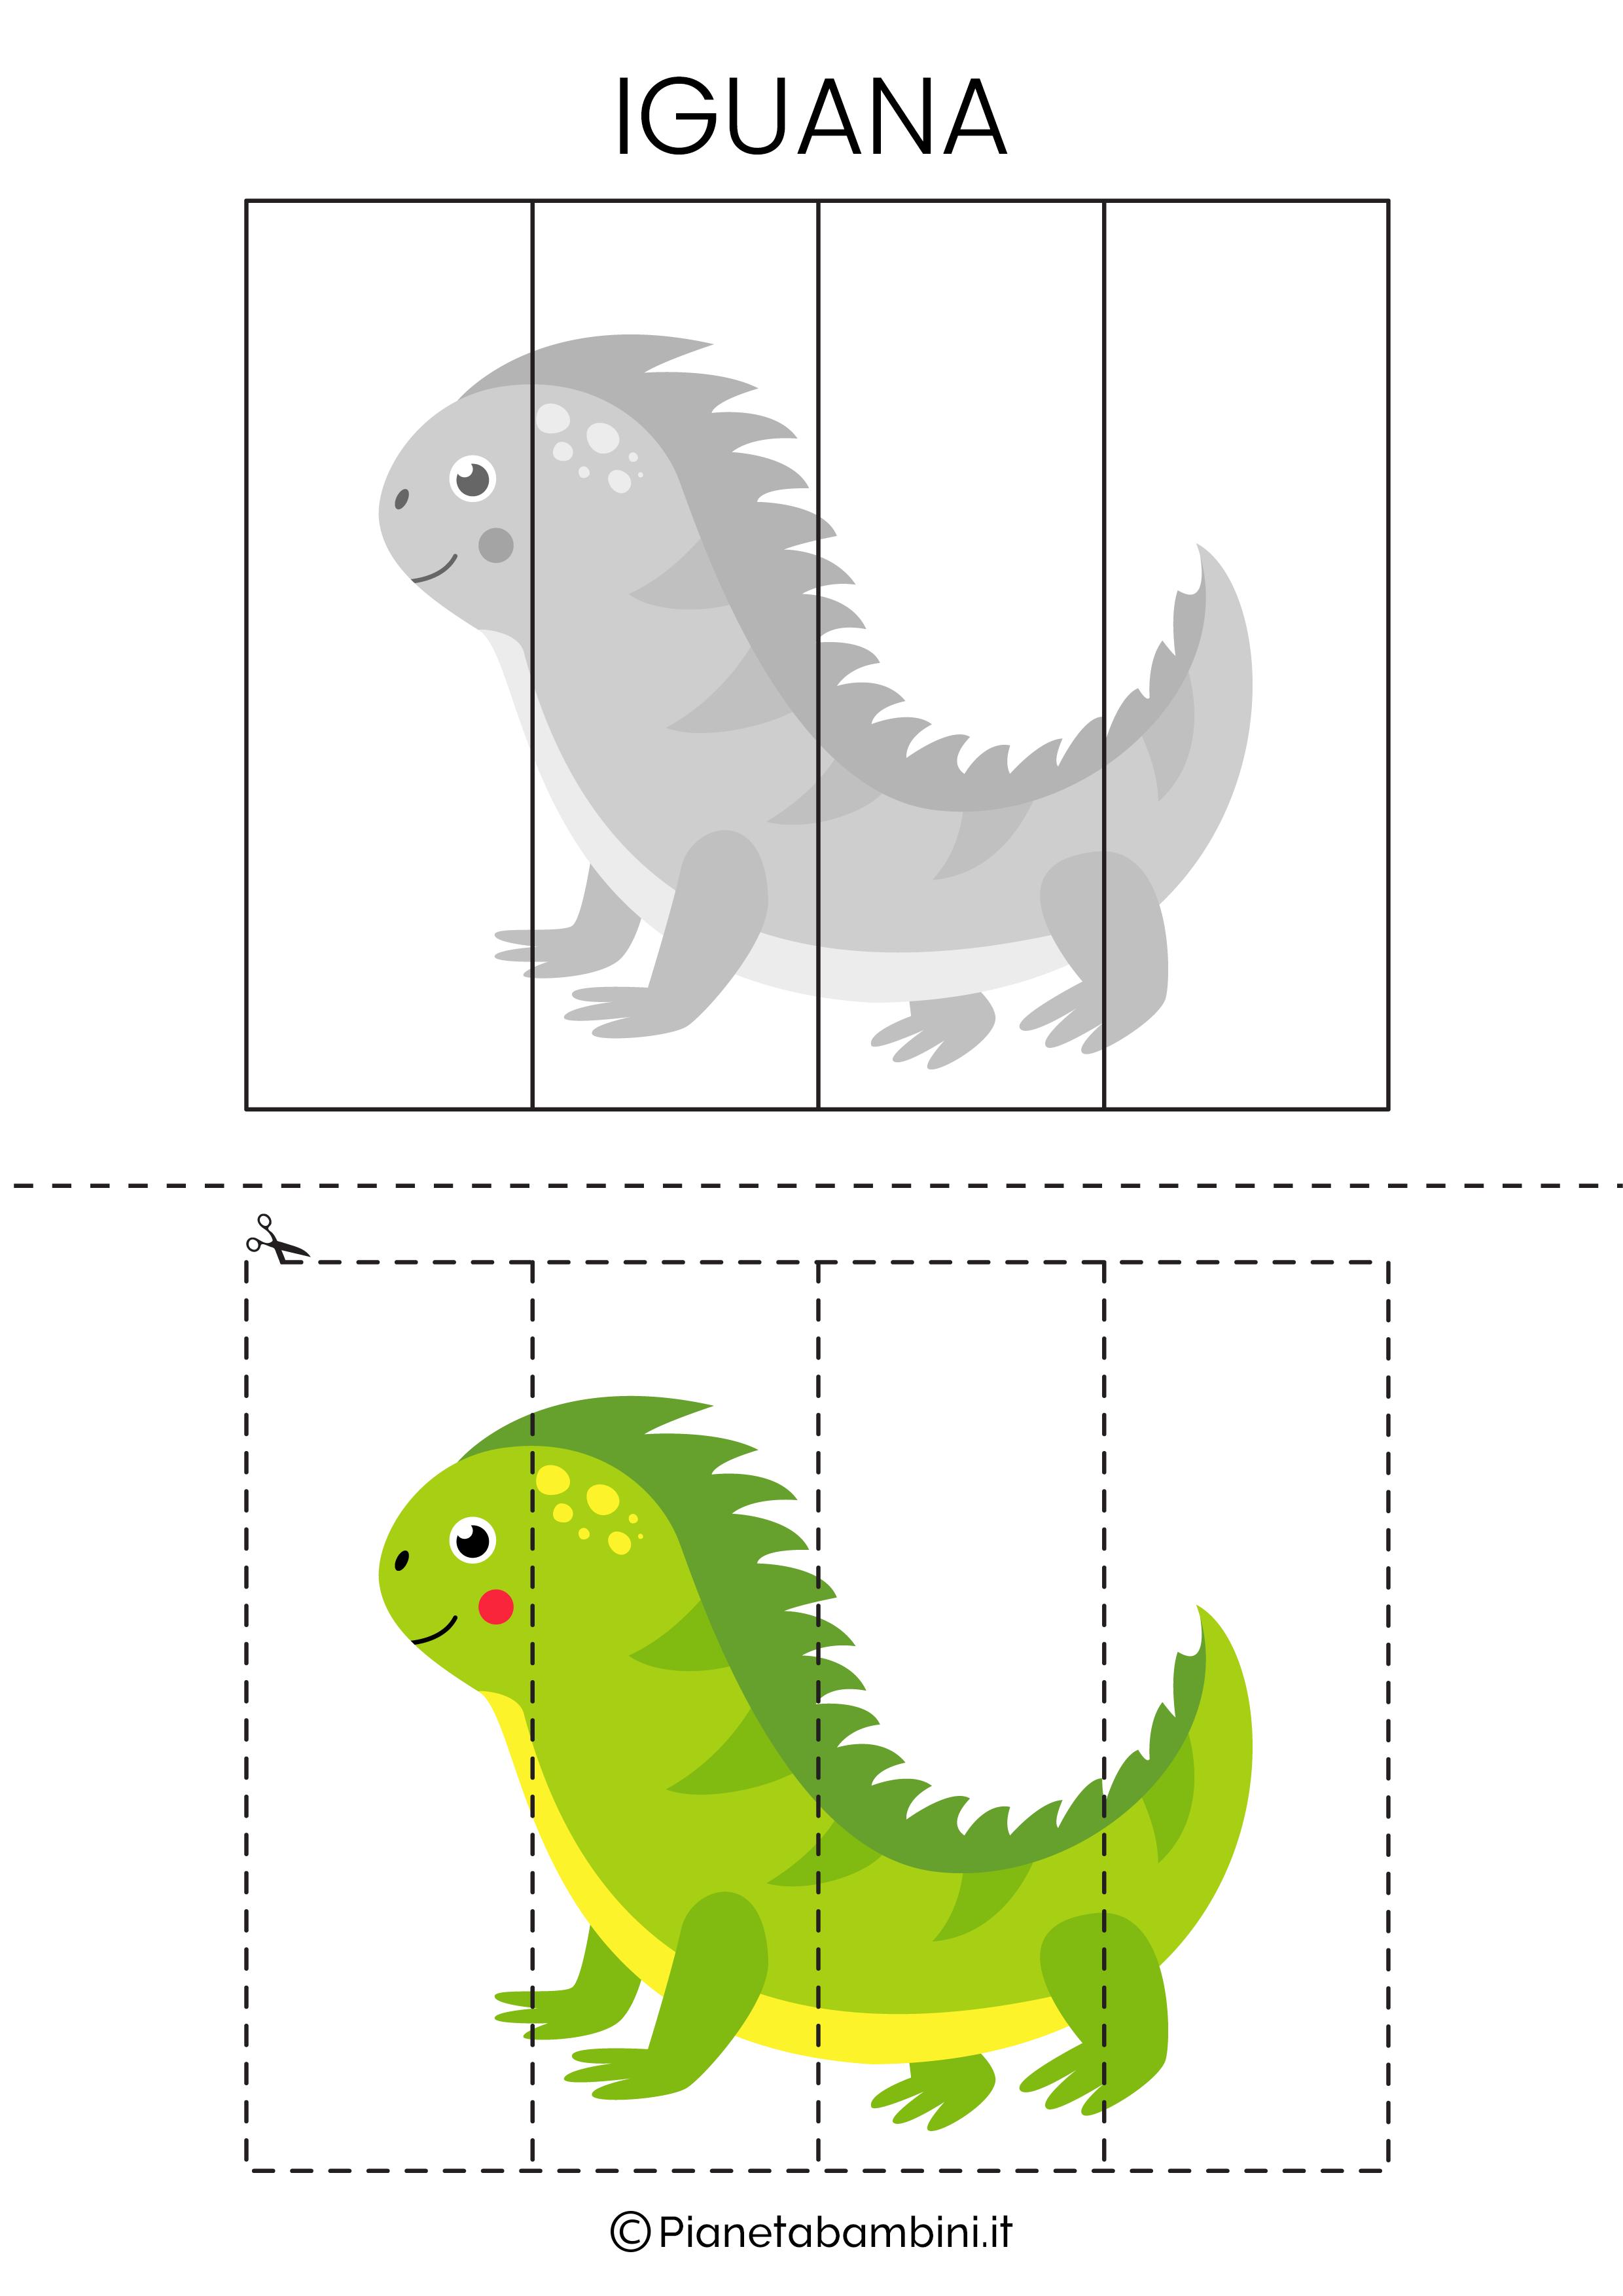 Puzzle dell'iguana da 4 pezzi da ritagliare e ricomporre